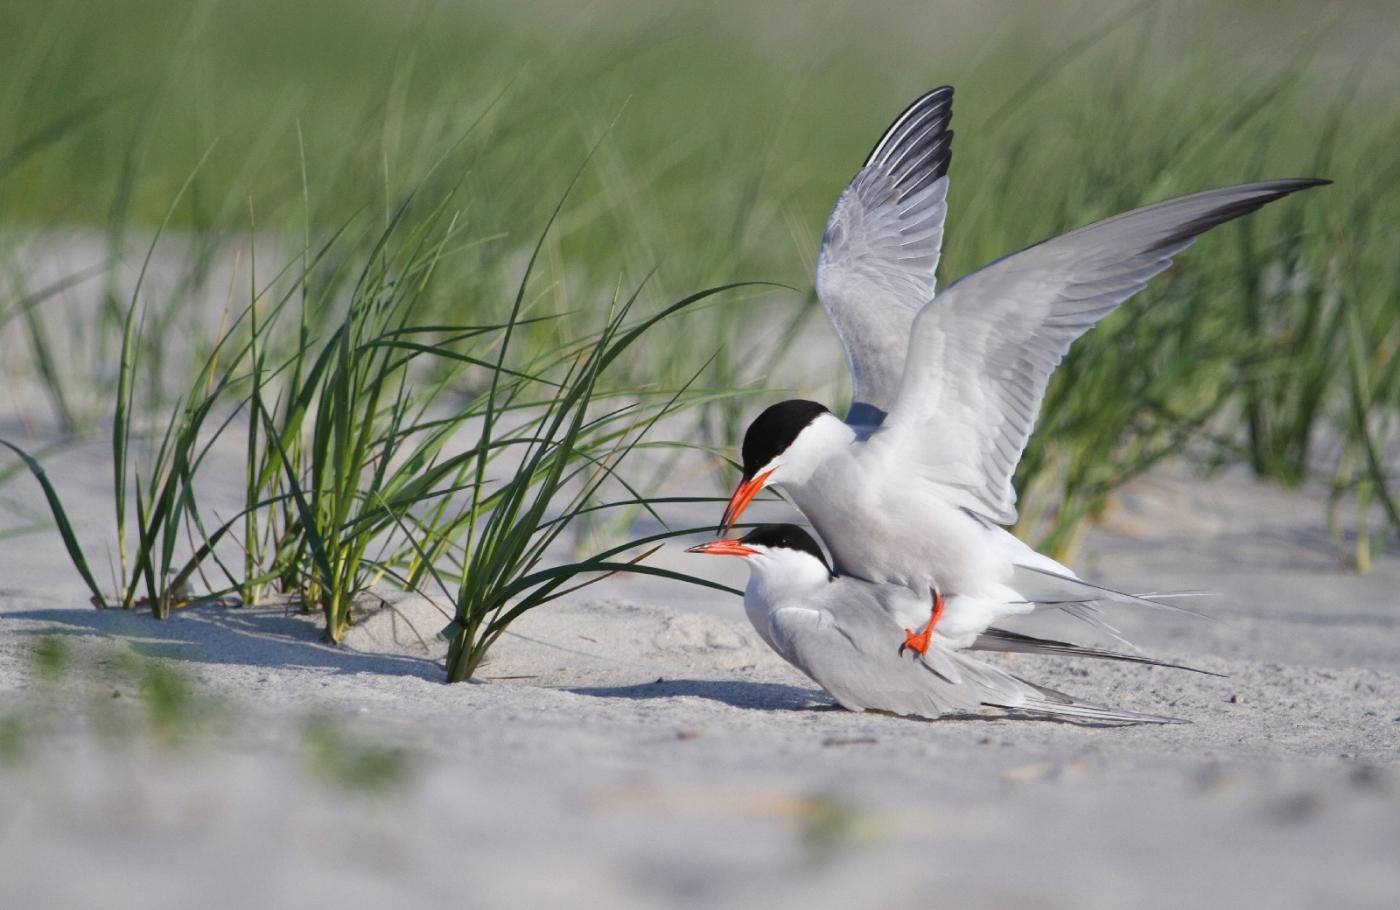 【田螺摄影】nickerson beach拍燕鸥求爱[二]_图1-5